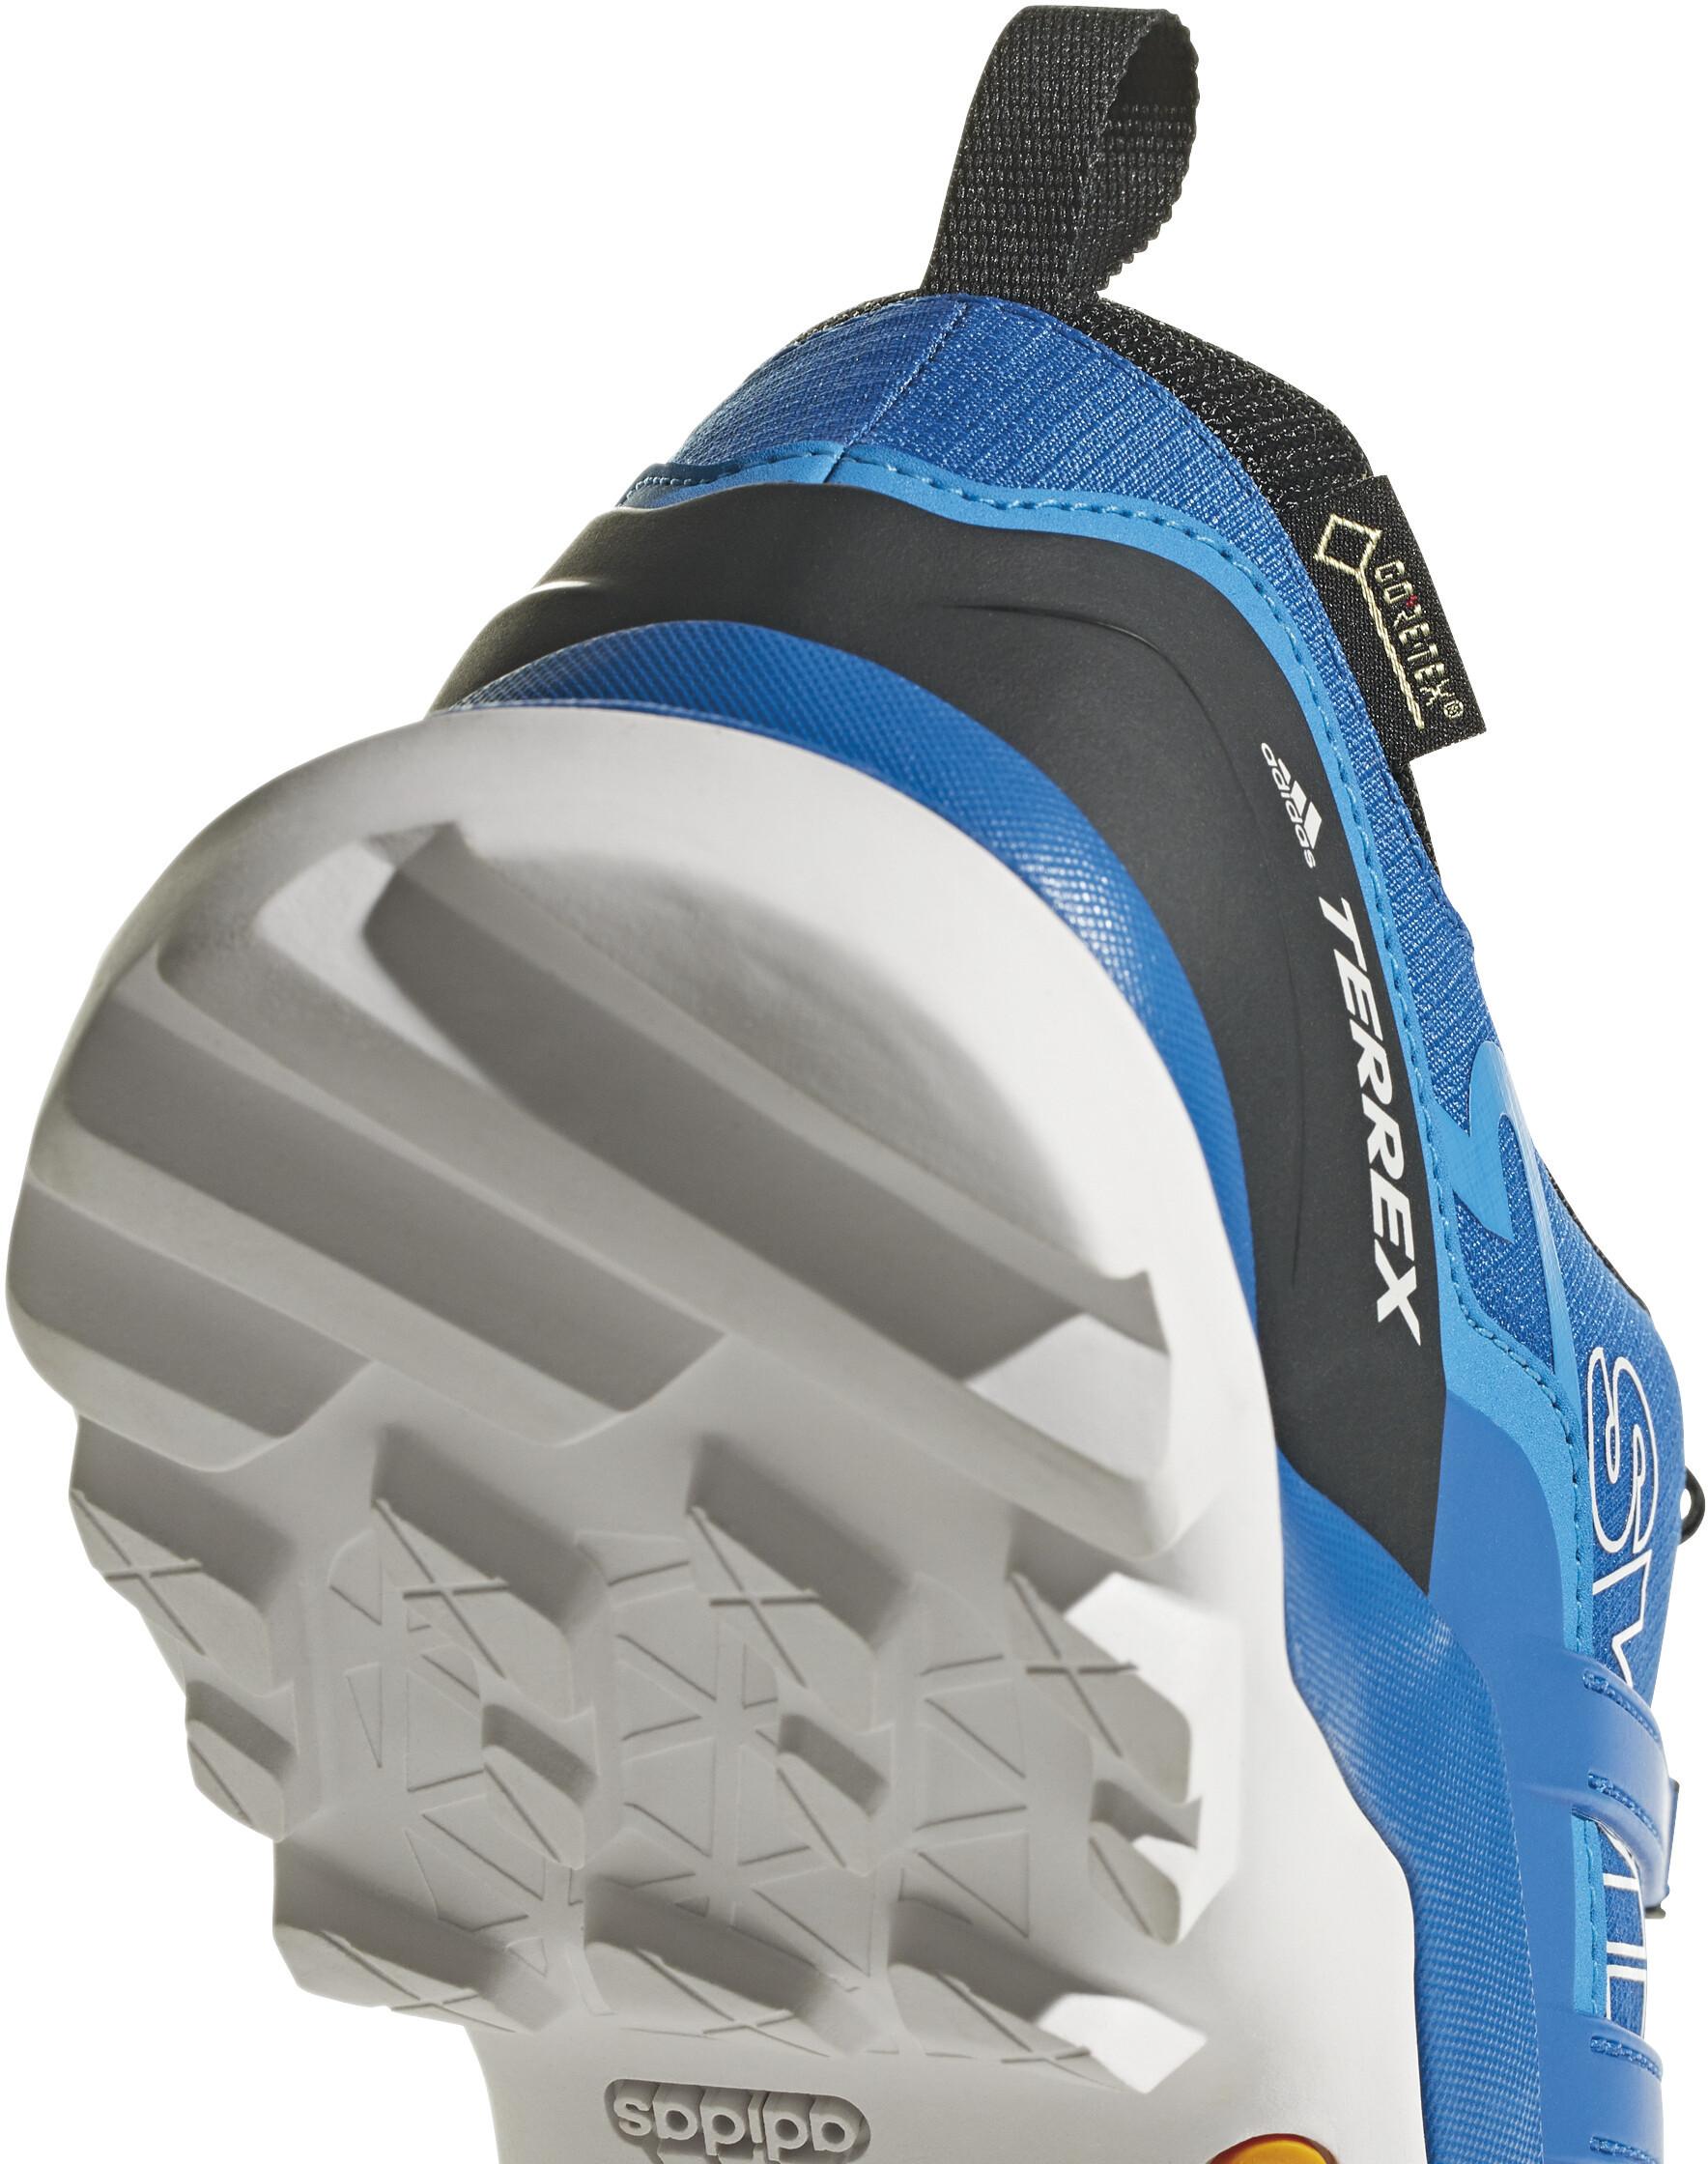 04ae3e92125fb adidas TERREX Swift R2 GTX - Chaussures Homme - bleu sur CAMPZ !